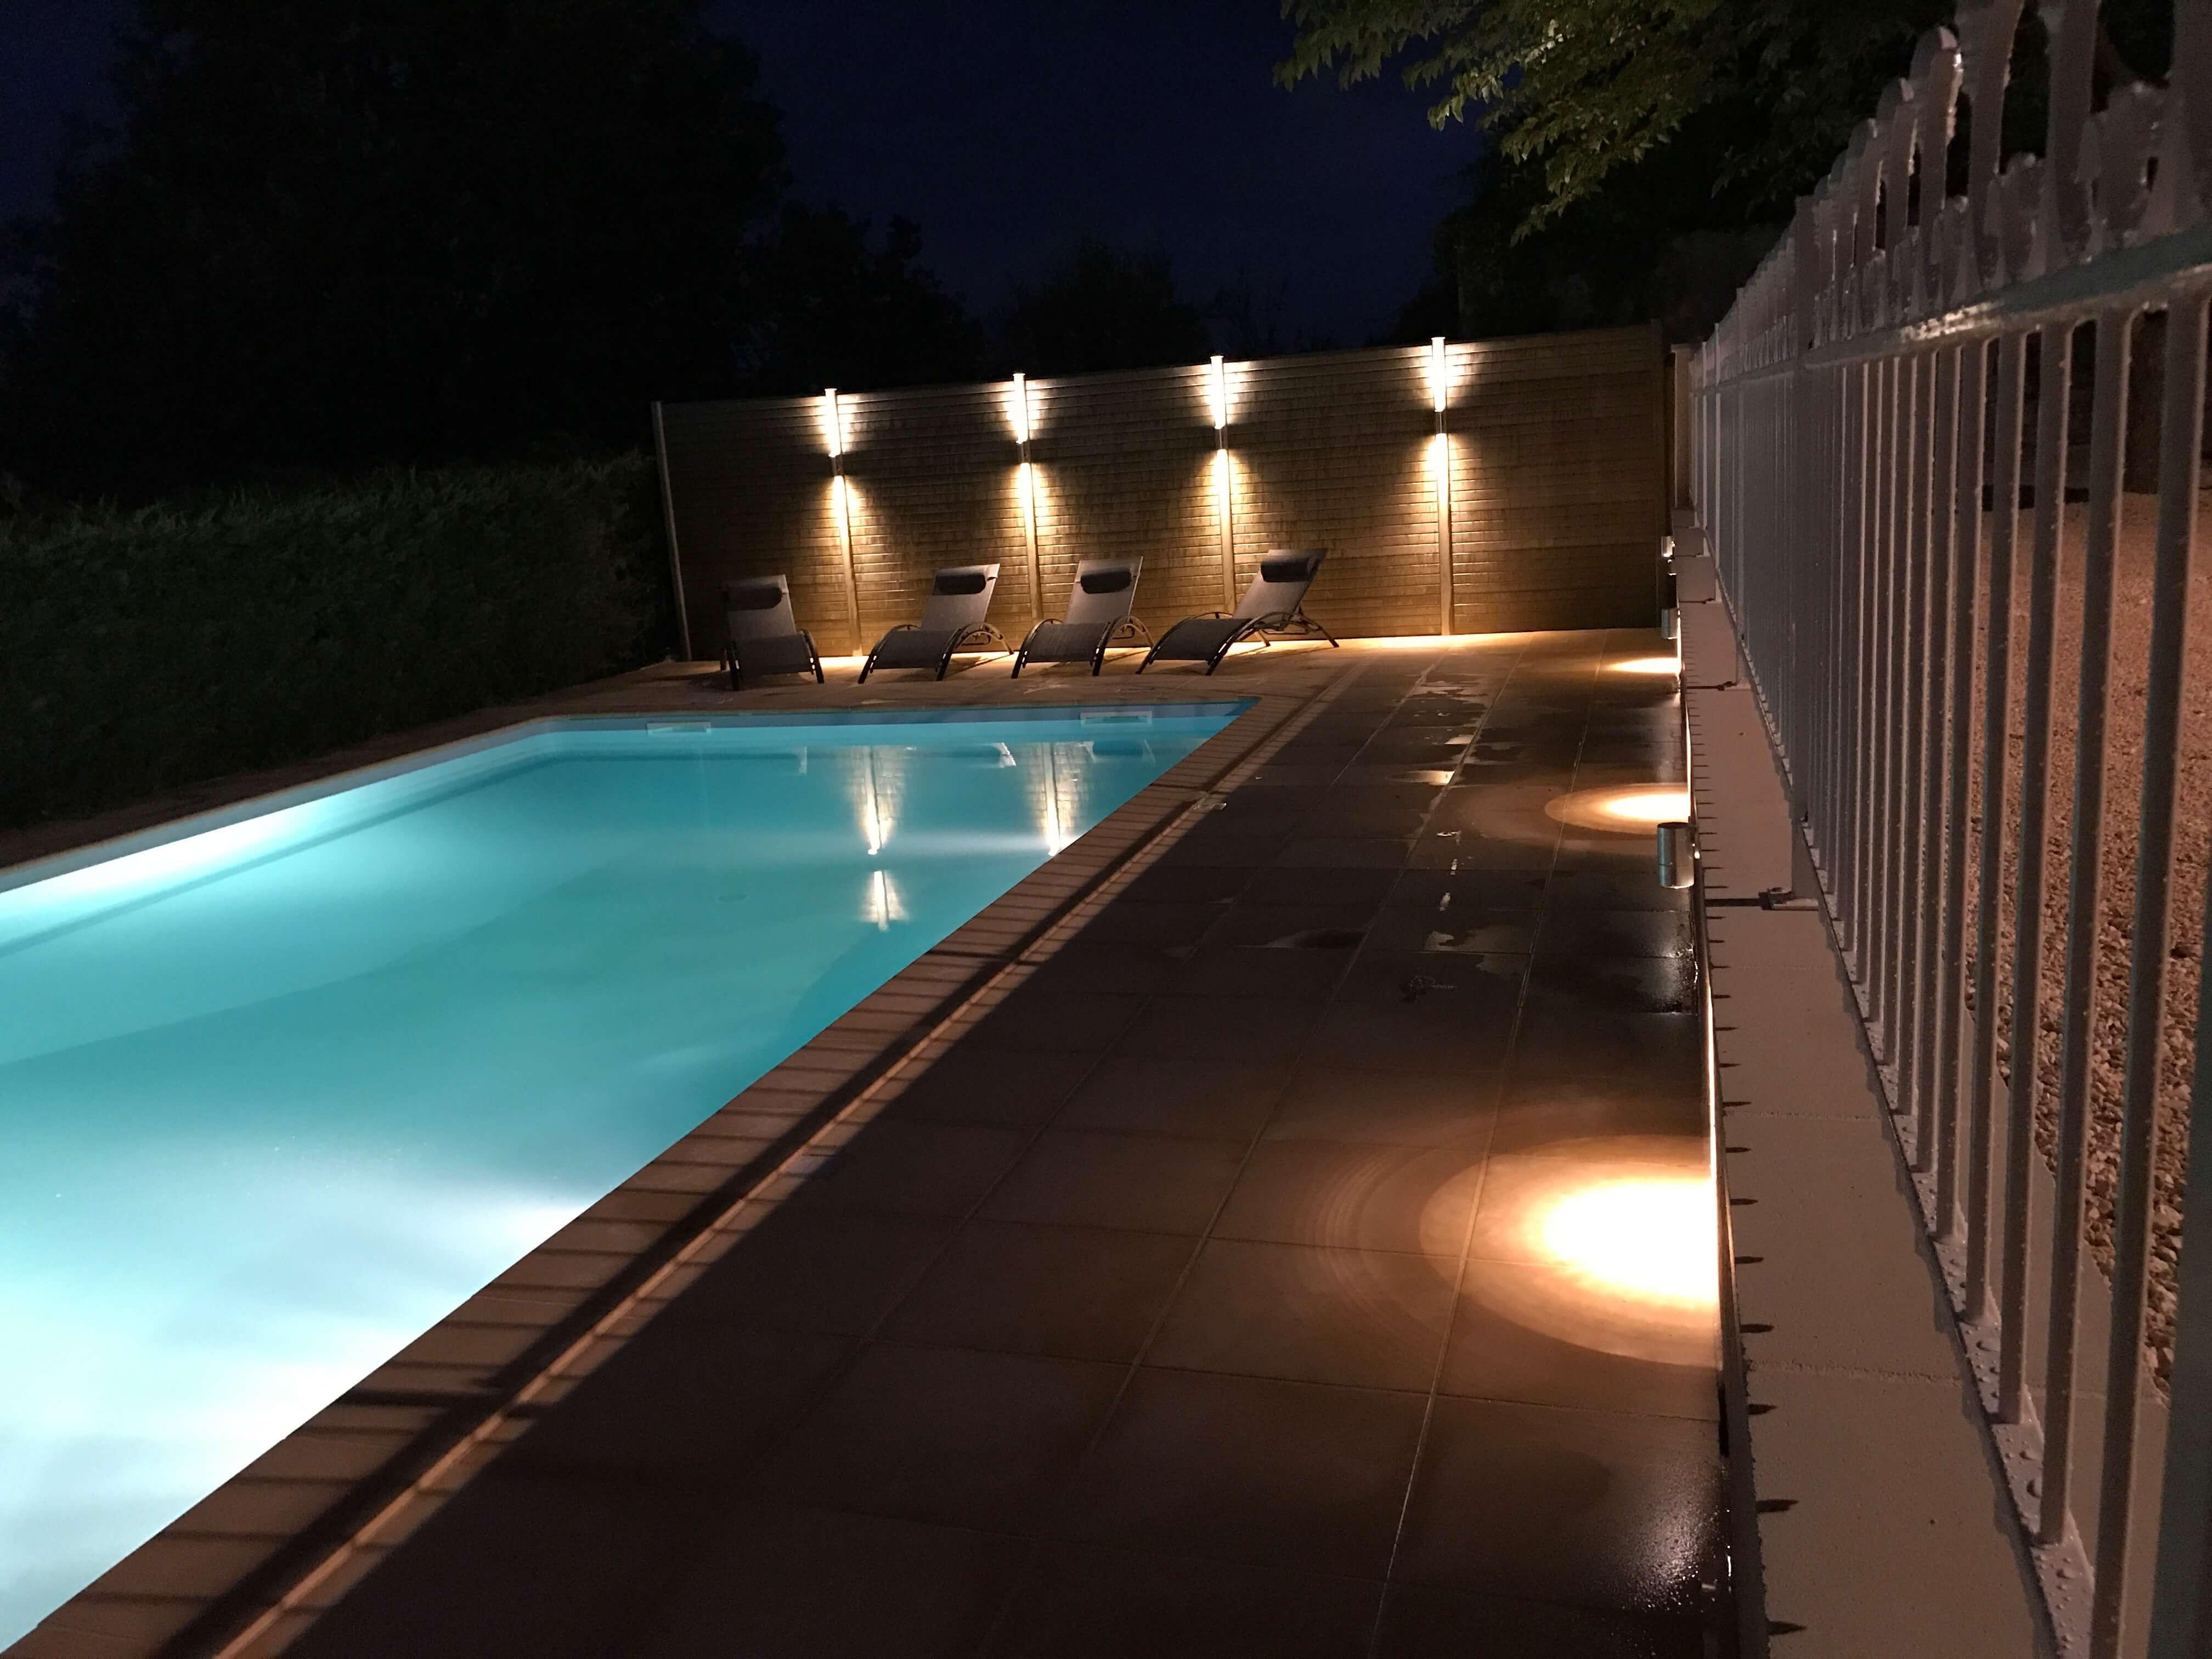 zwembad nachtfoto